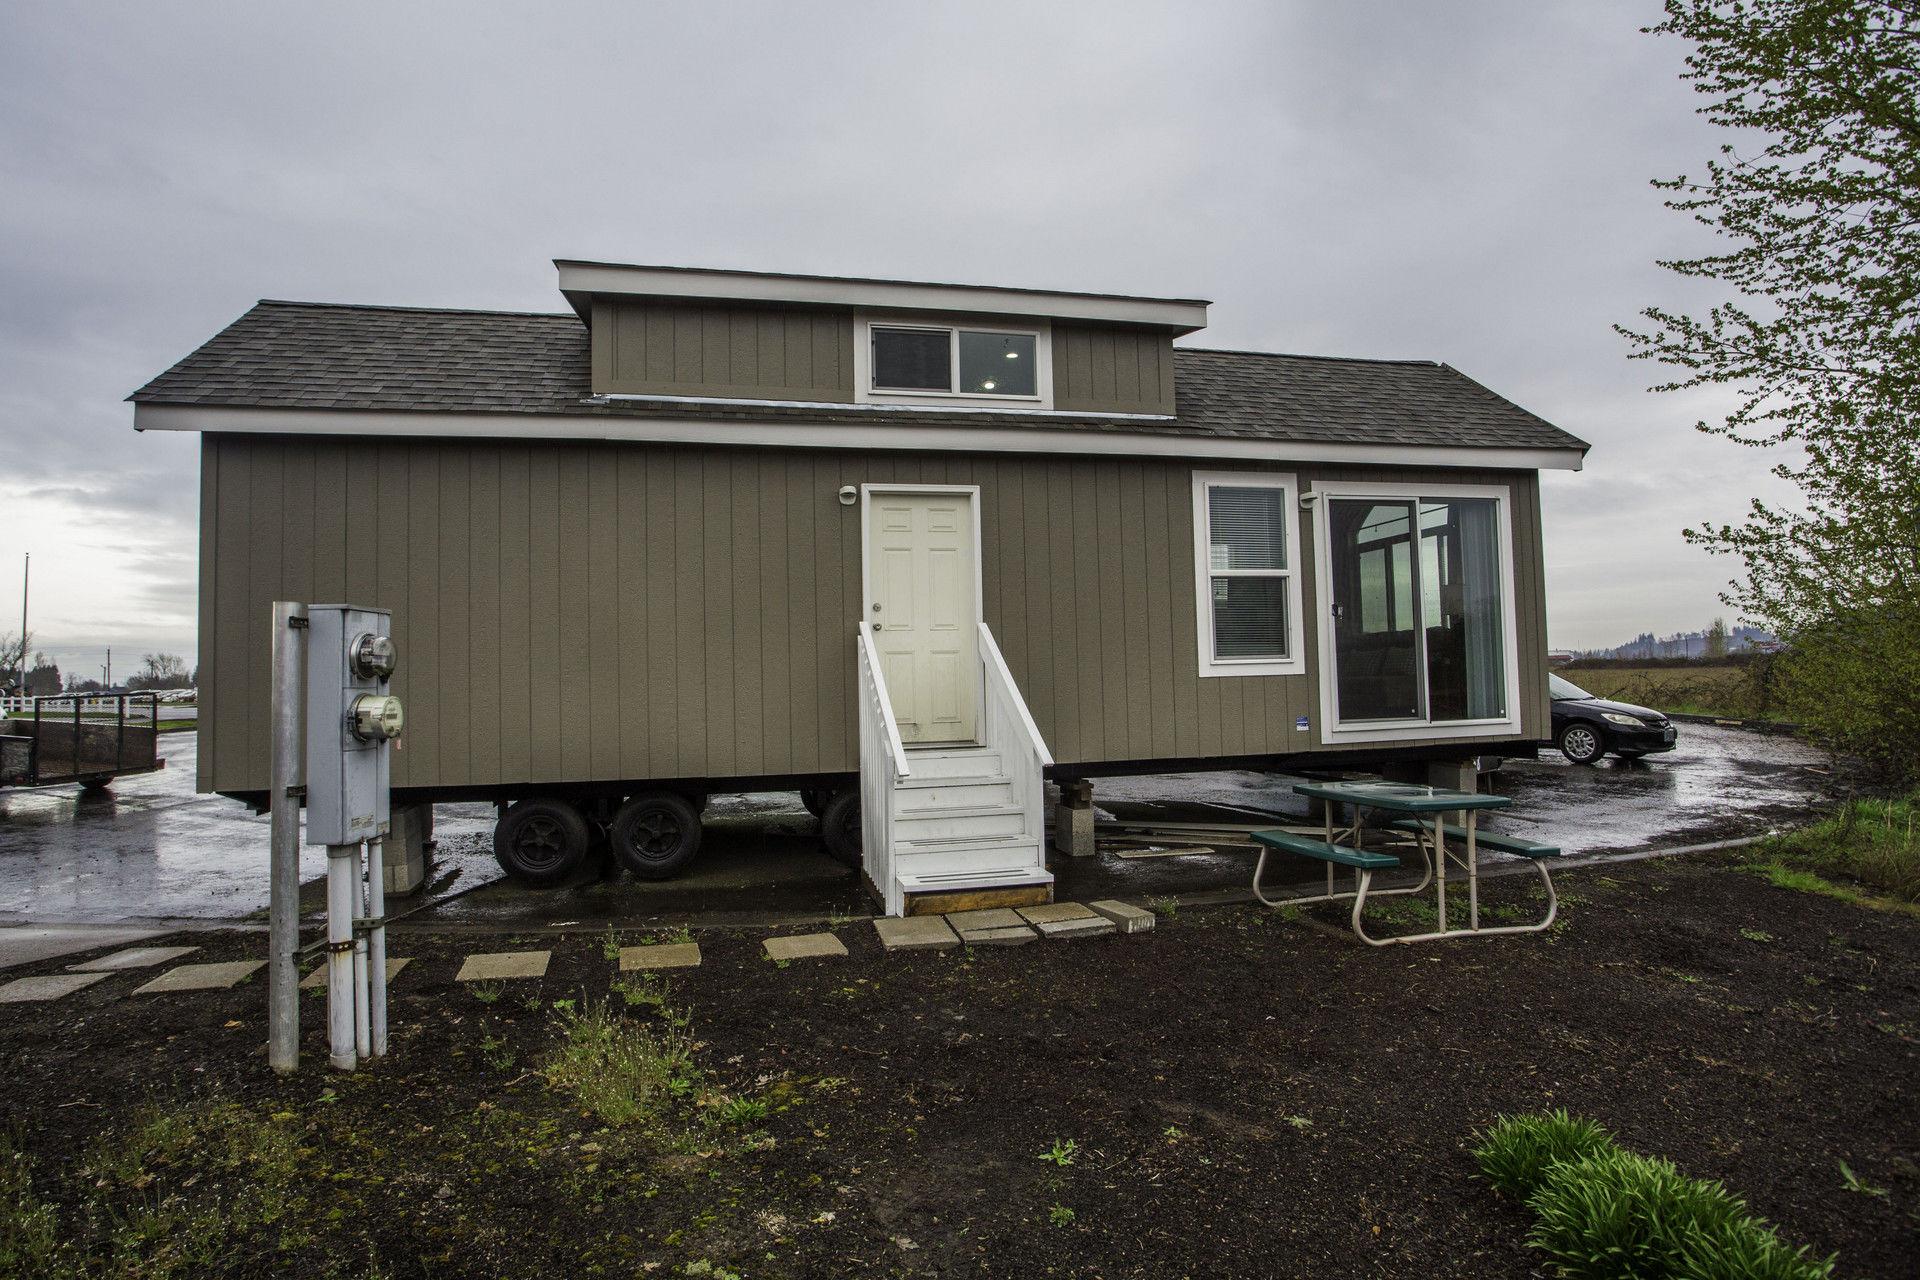 Homes direct modular homes model park model 01